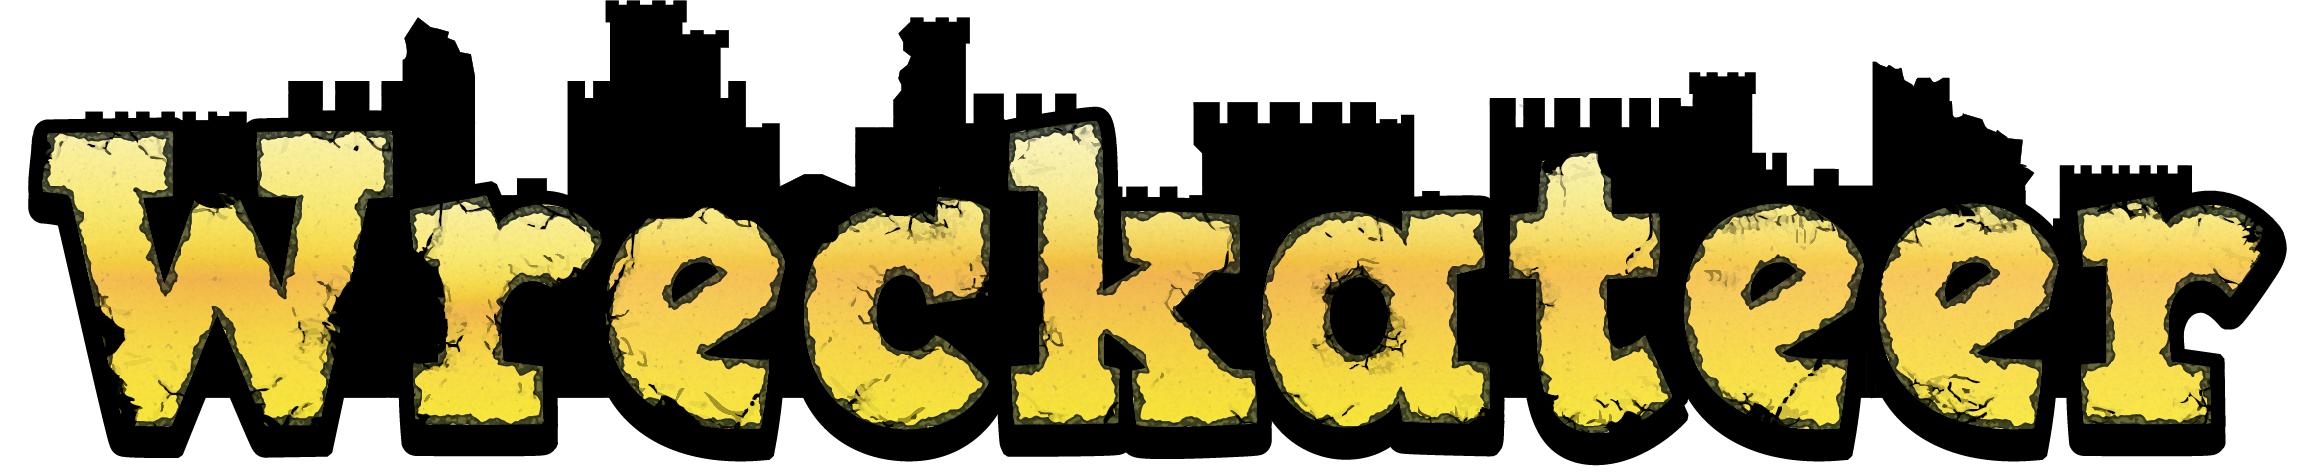 wreckateer-logo